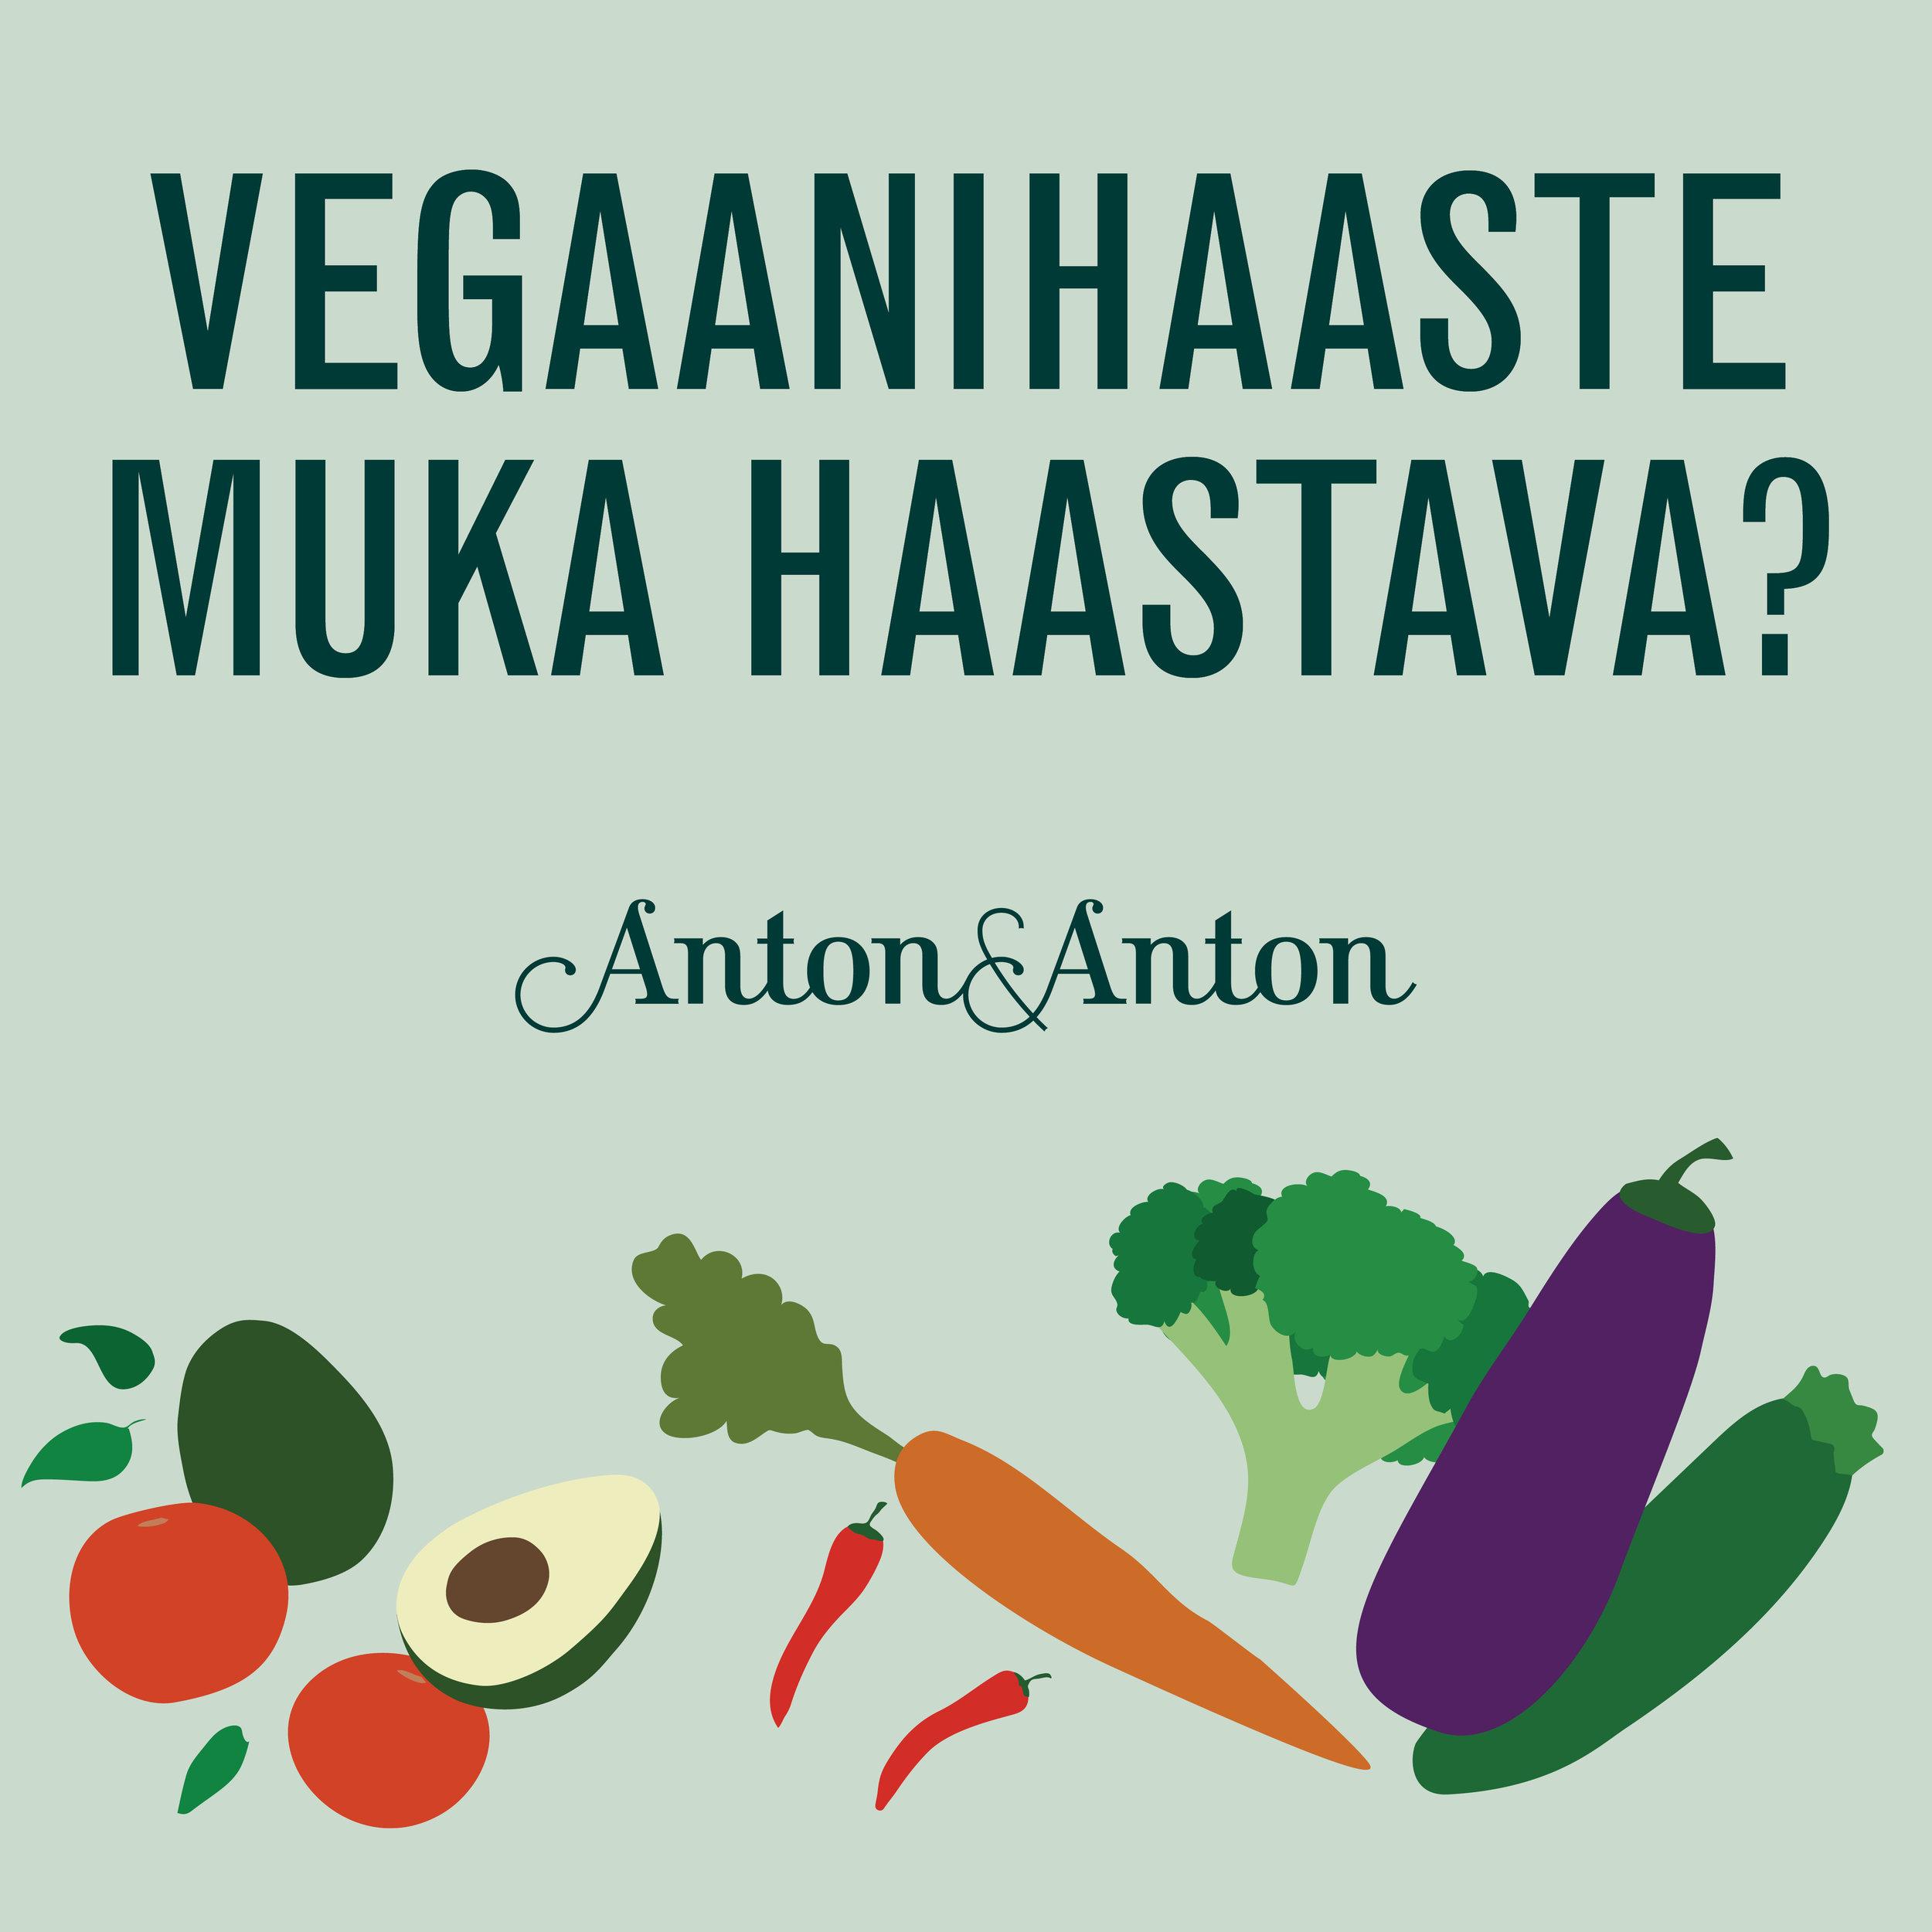 201217_tammikuunNosto_vegaanihaaste4.jpg